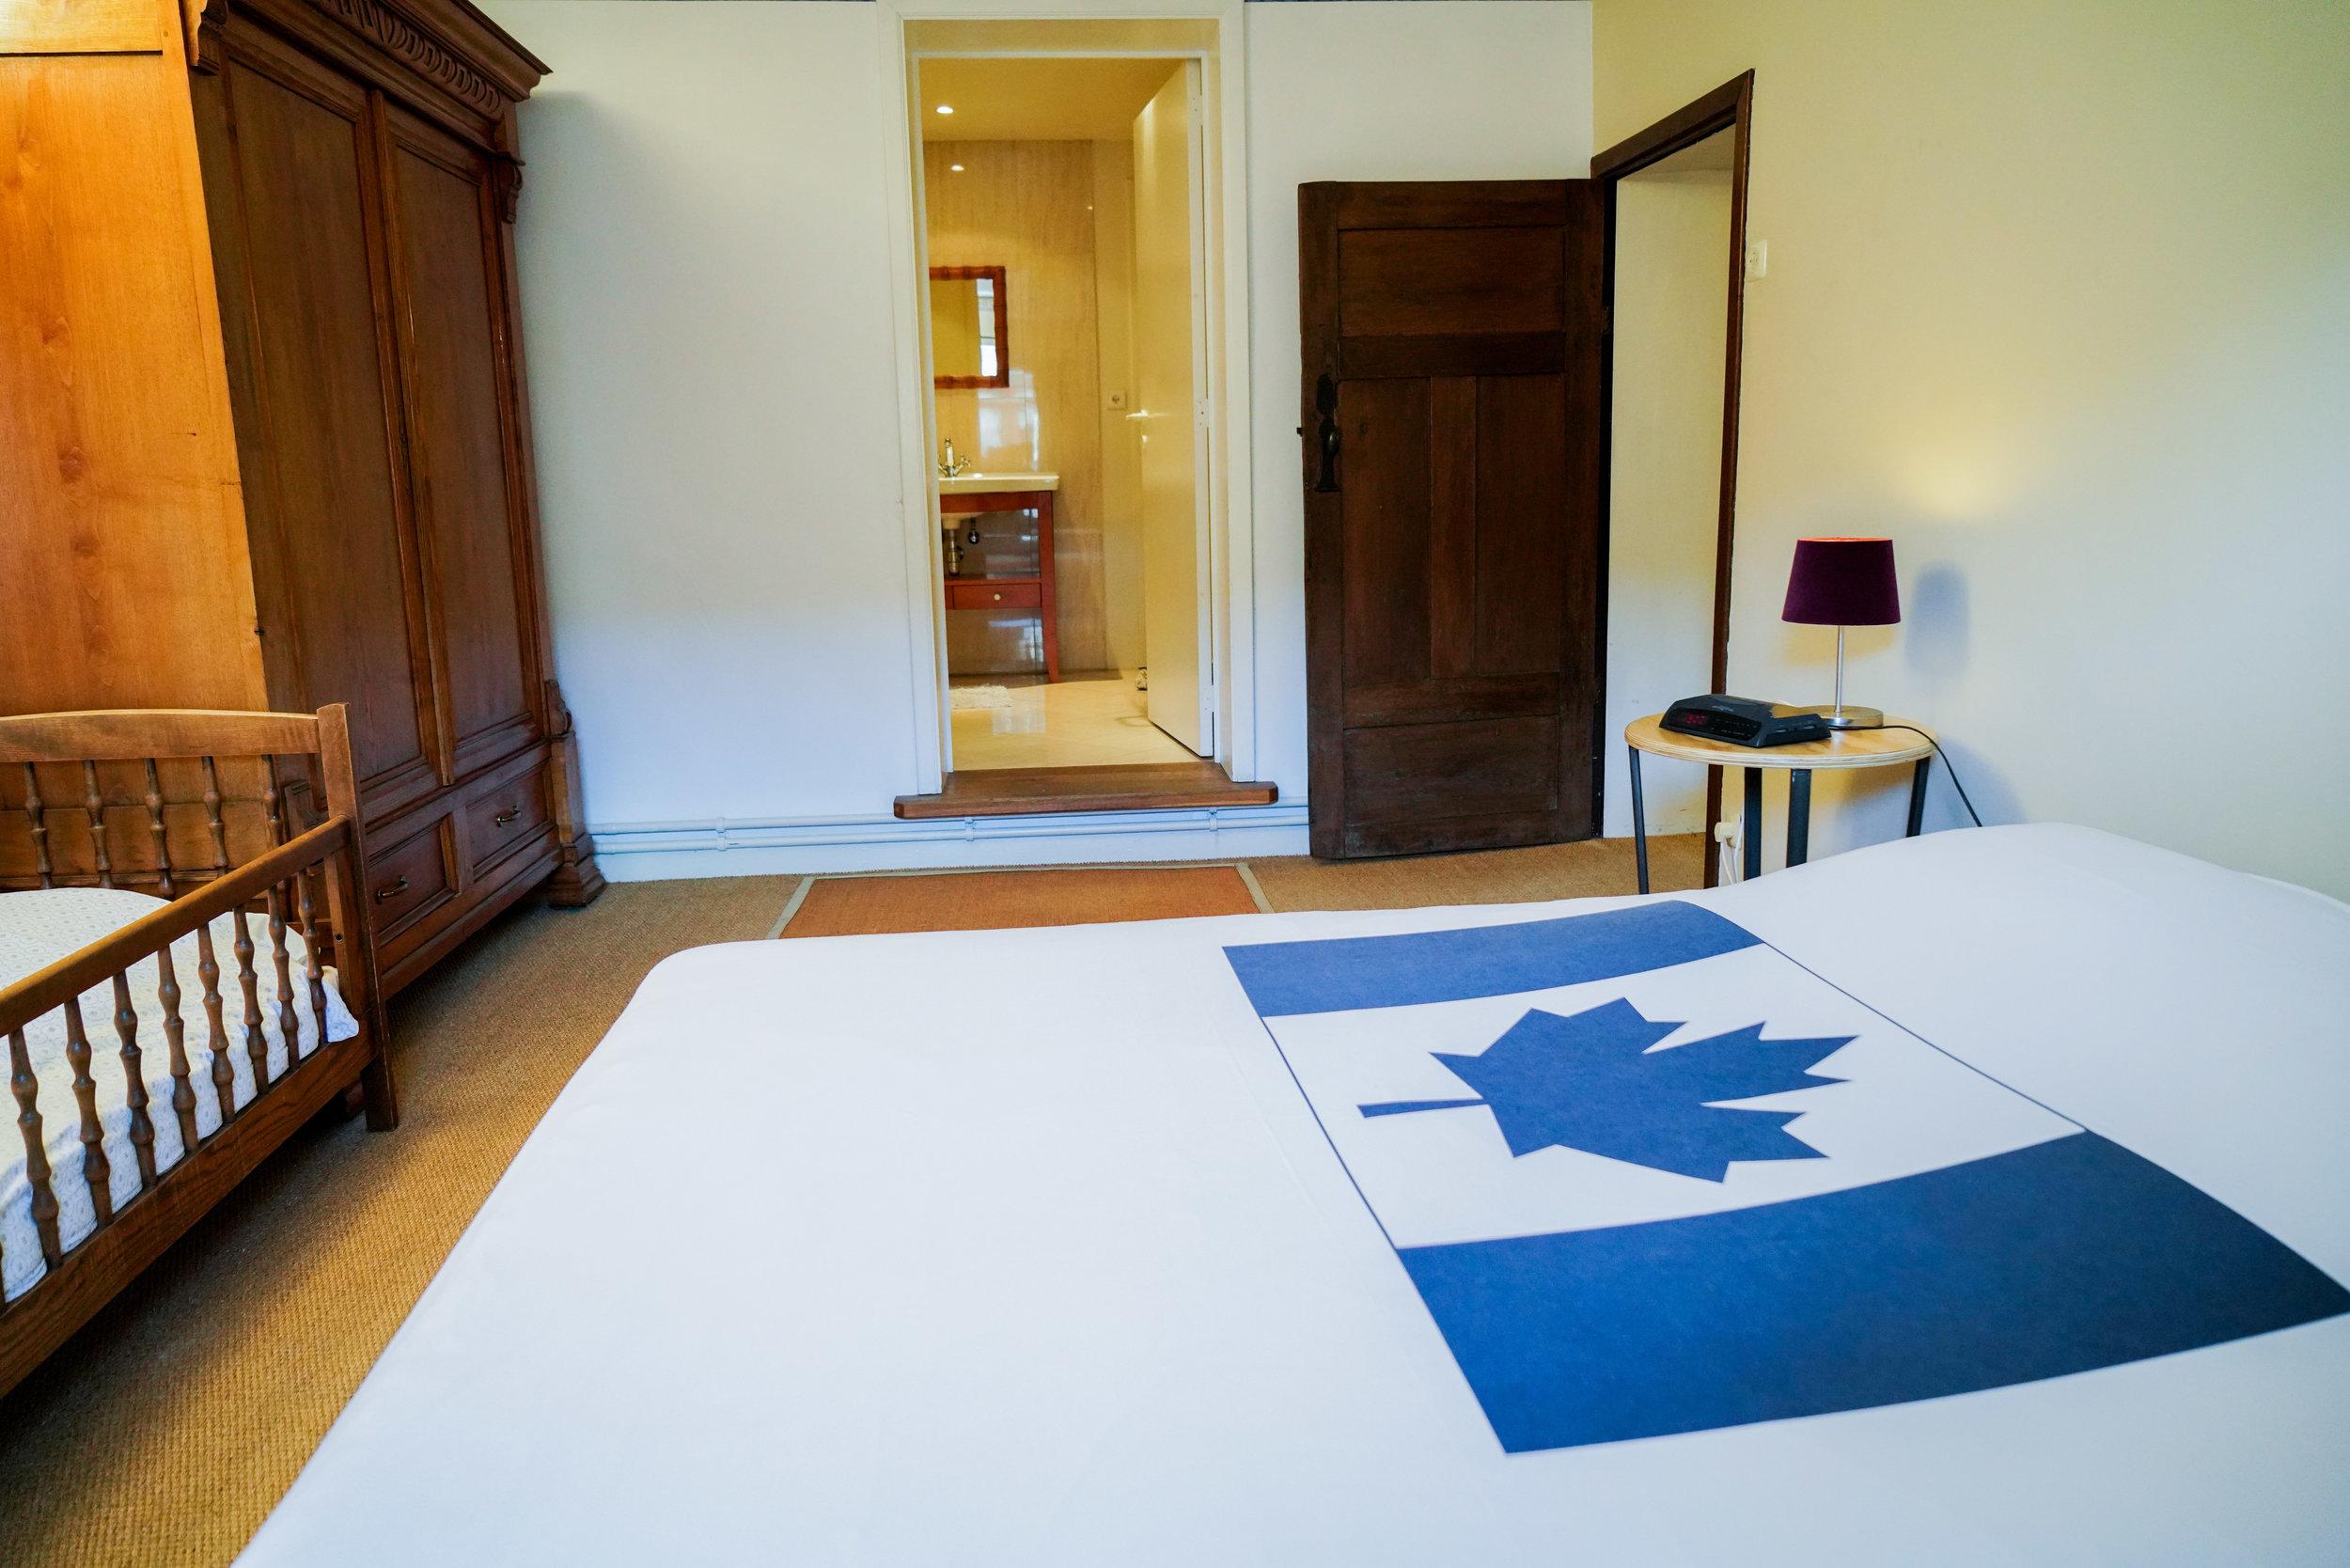 Chambre 1 - Avec un lit double, équipement pour bébé et salle de bain